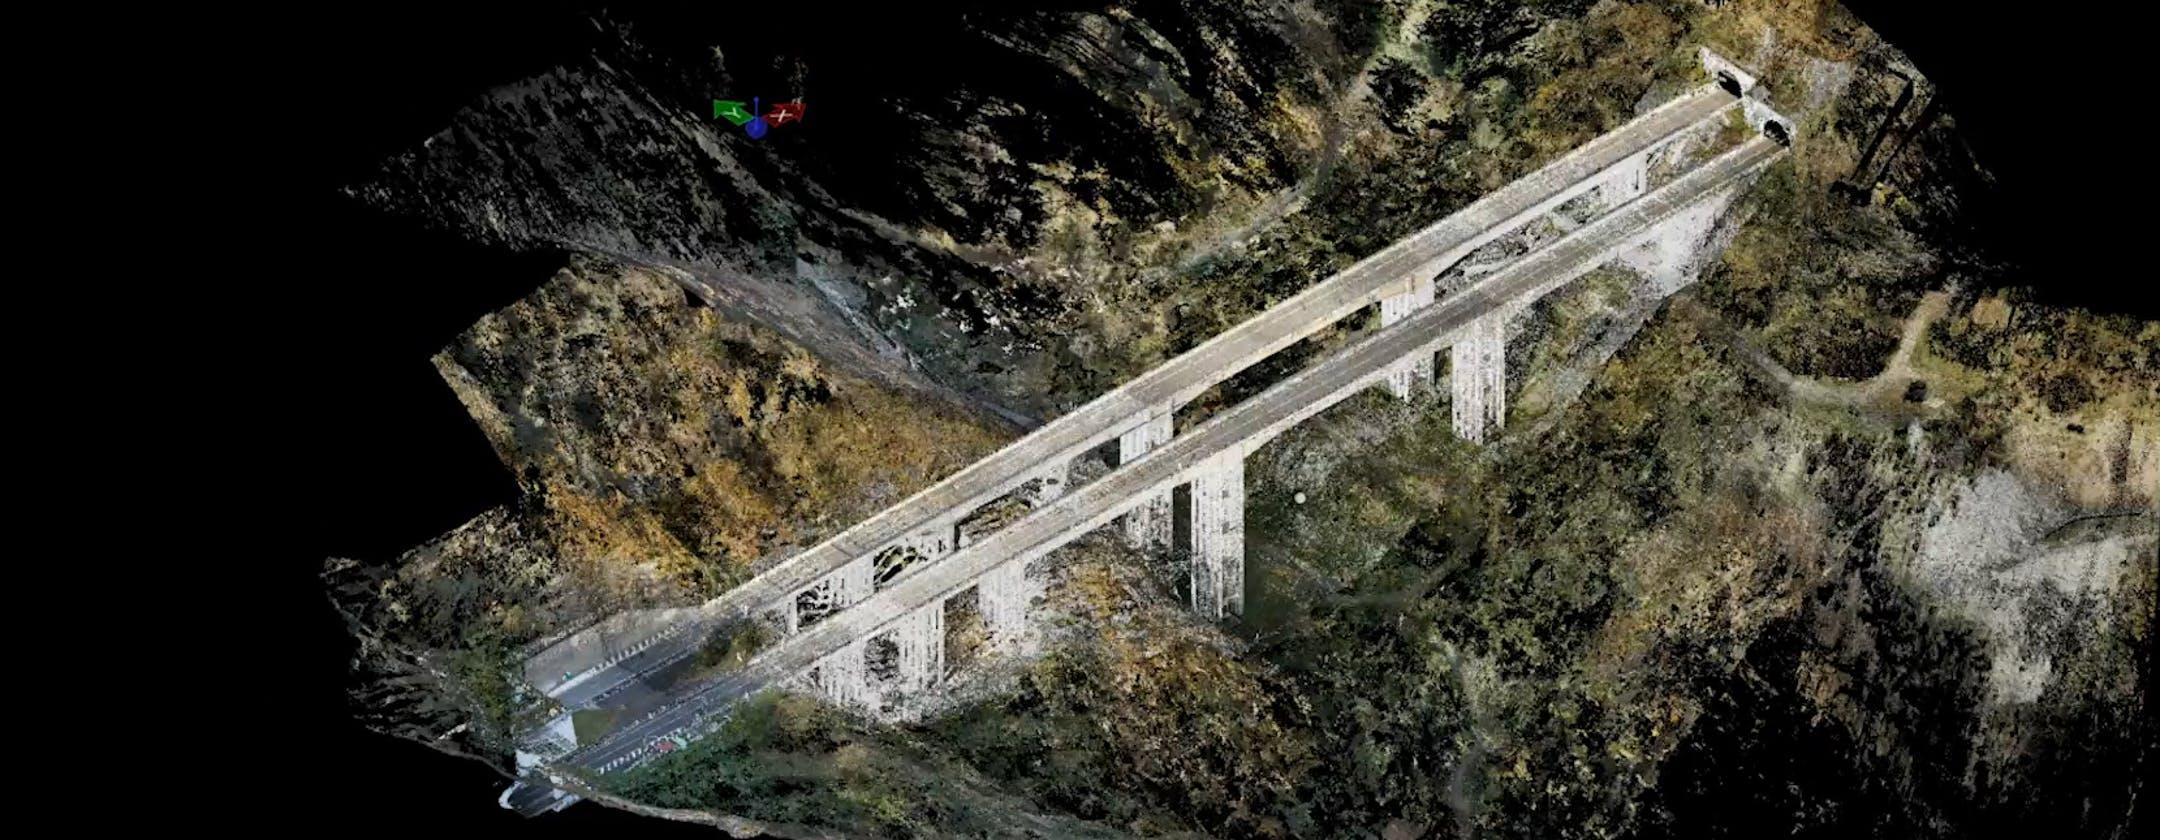 Scansione 3D, droni, Lidar e sensori diffusi: così la tecnologia ora rende più sicuri i viadotti autostradali